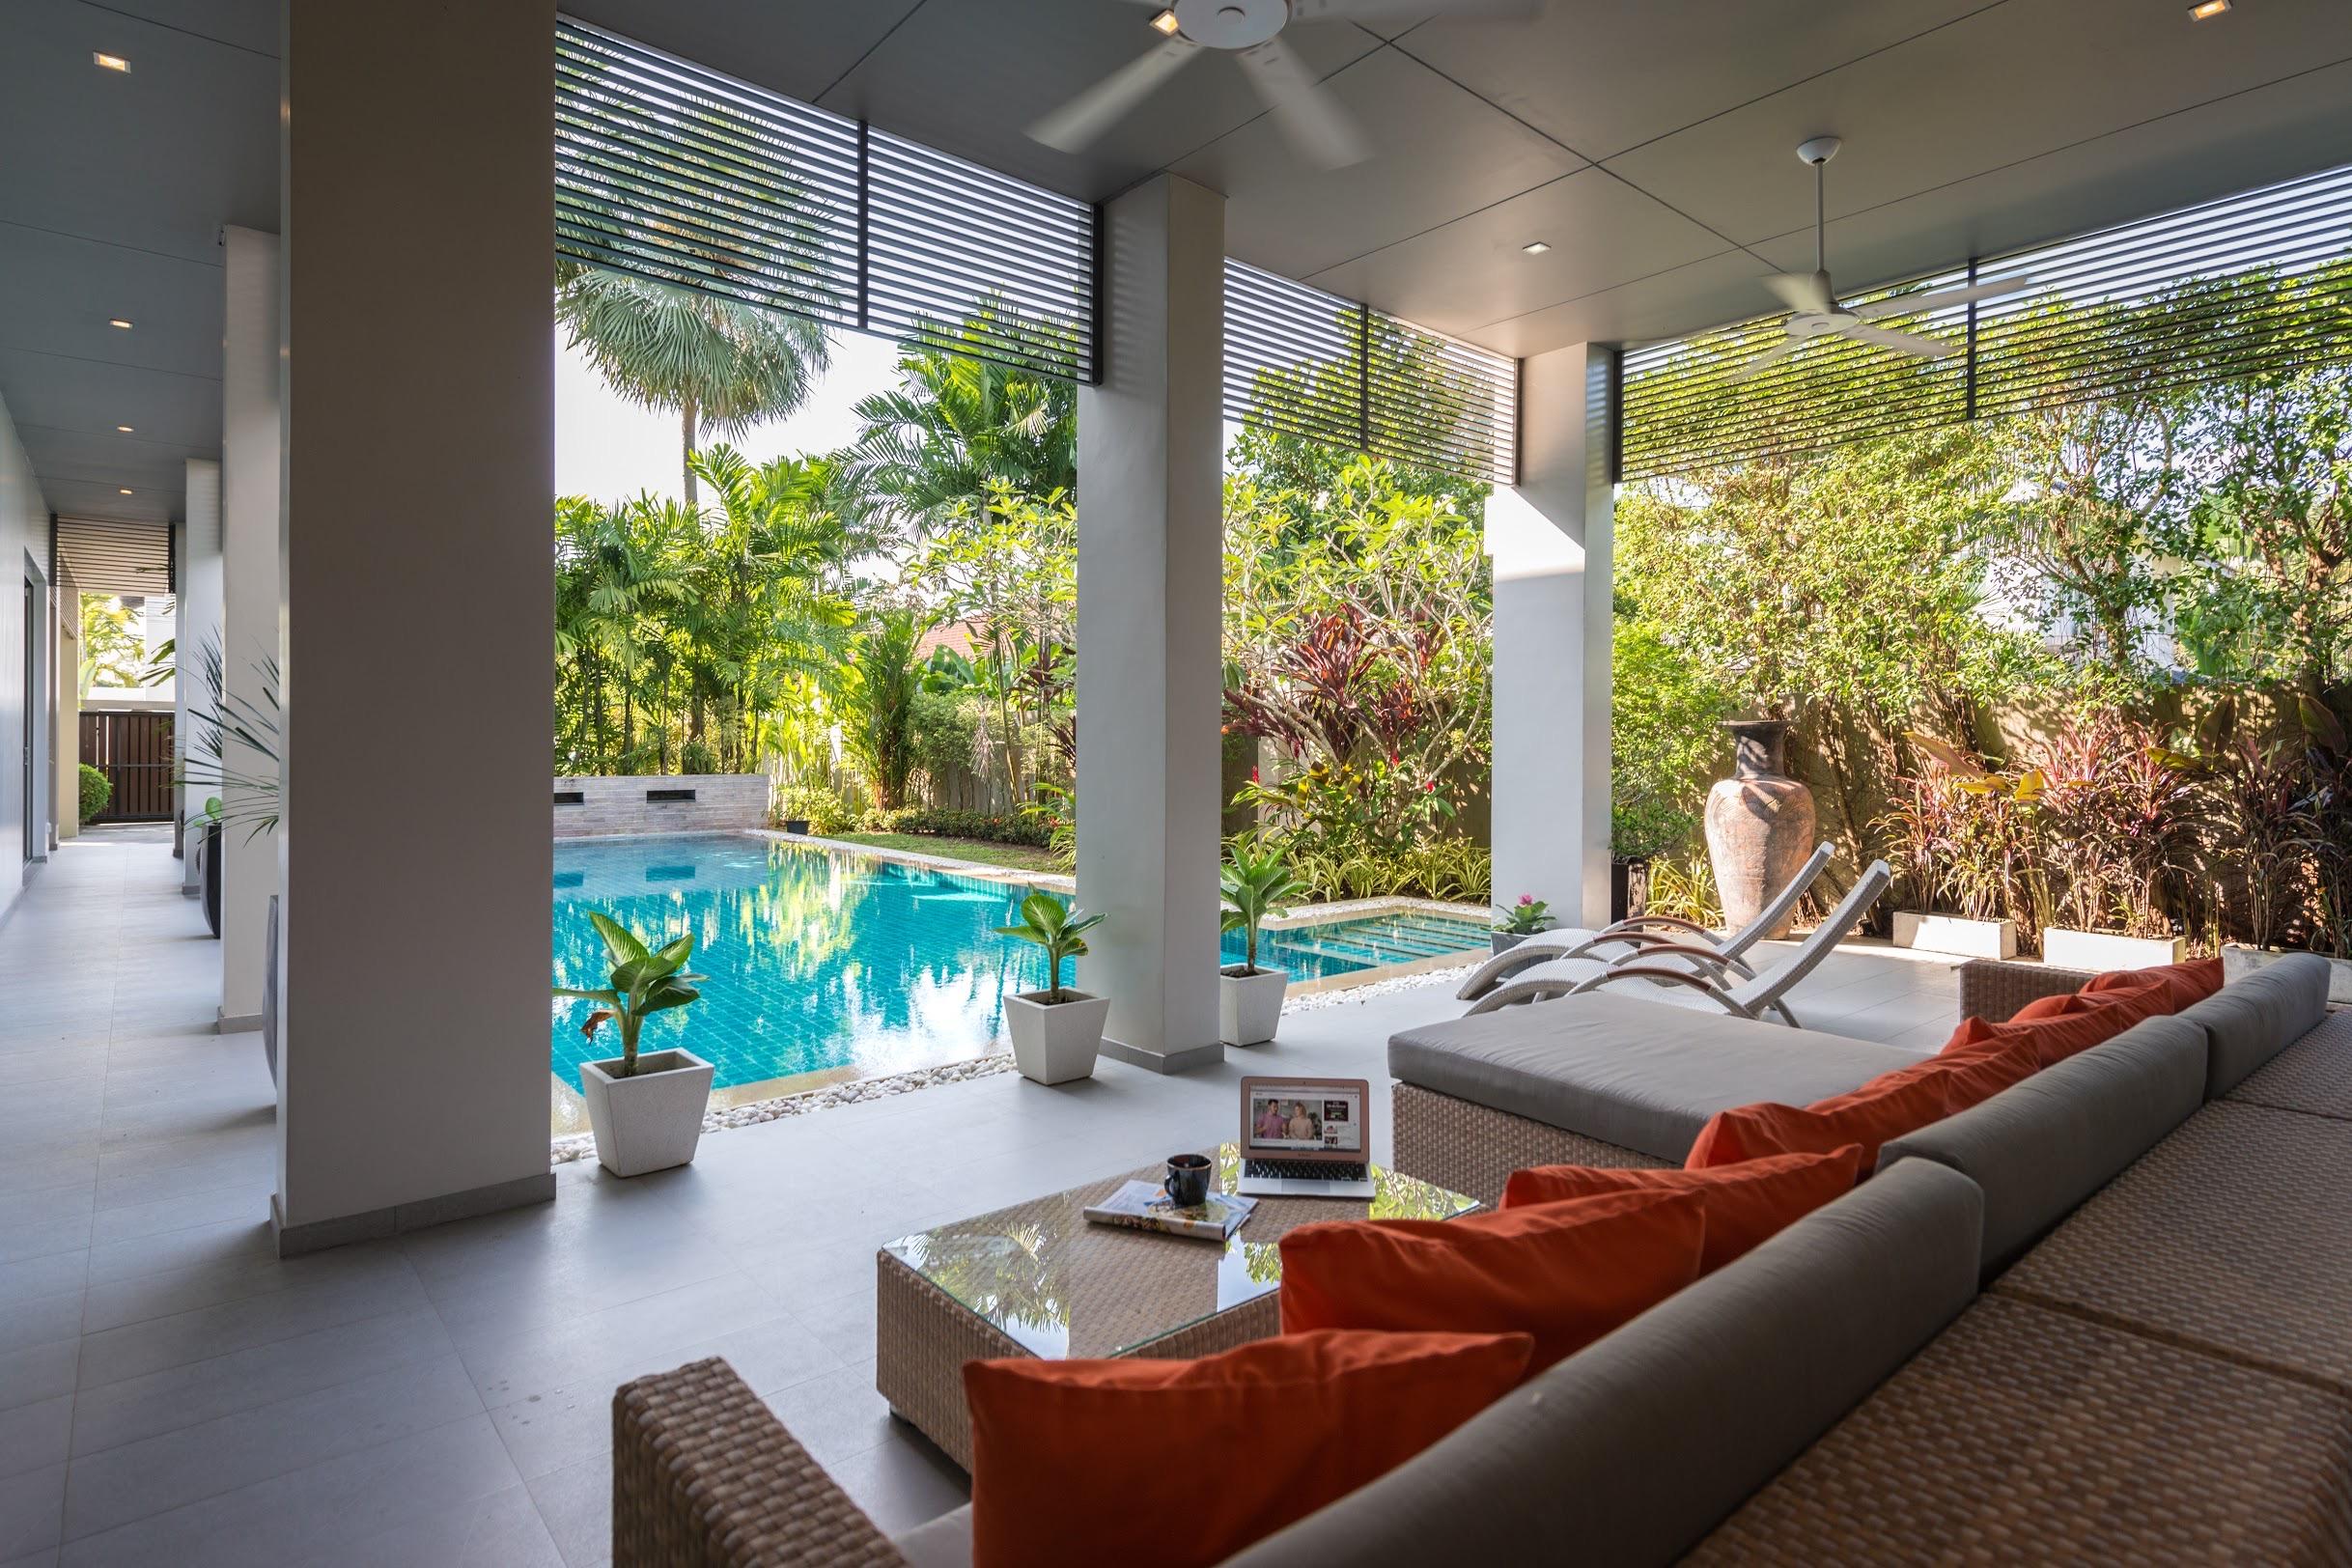 Pool villa in Pasak for sale